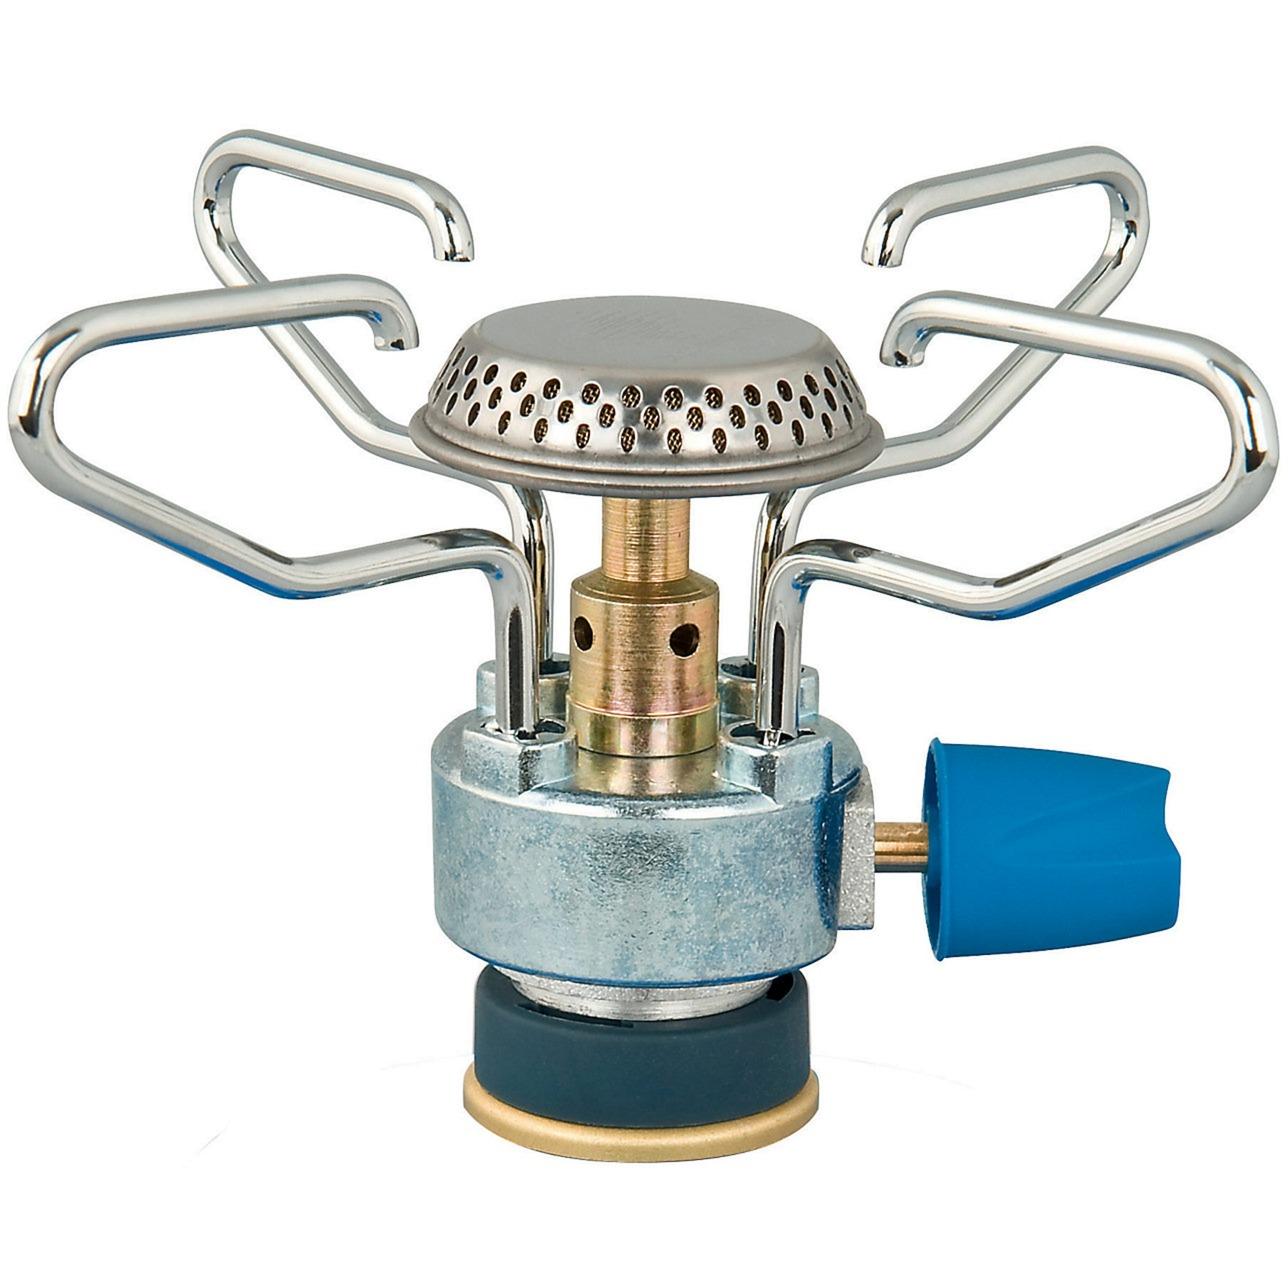 204185 180g Azul, Metálico Bomba de combustible accesorio para hornillo de camping, Cocina de gas